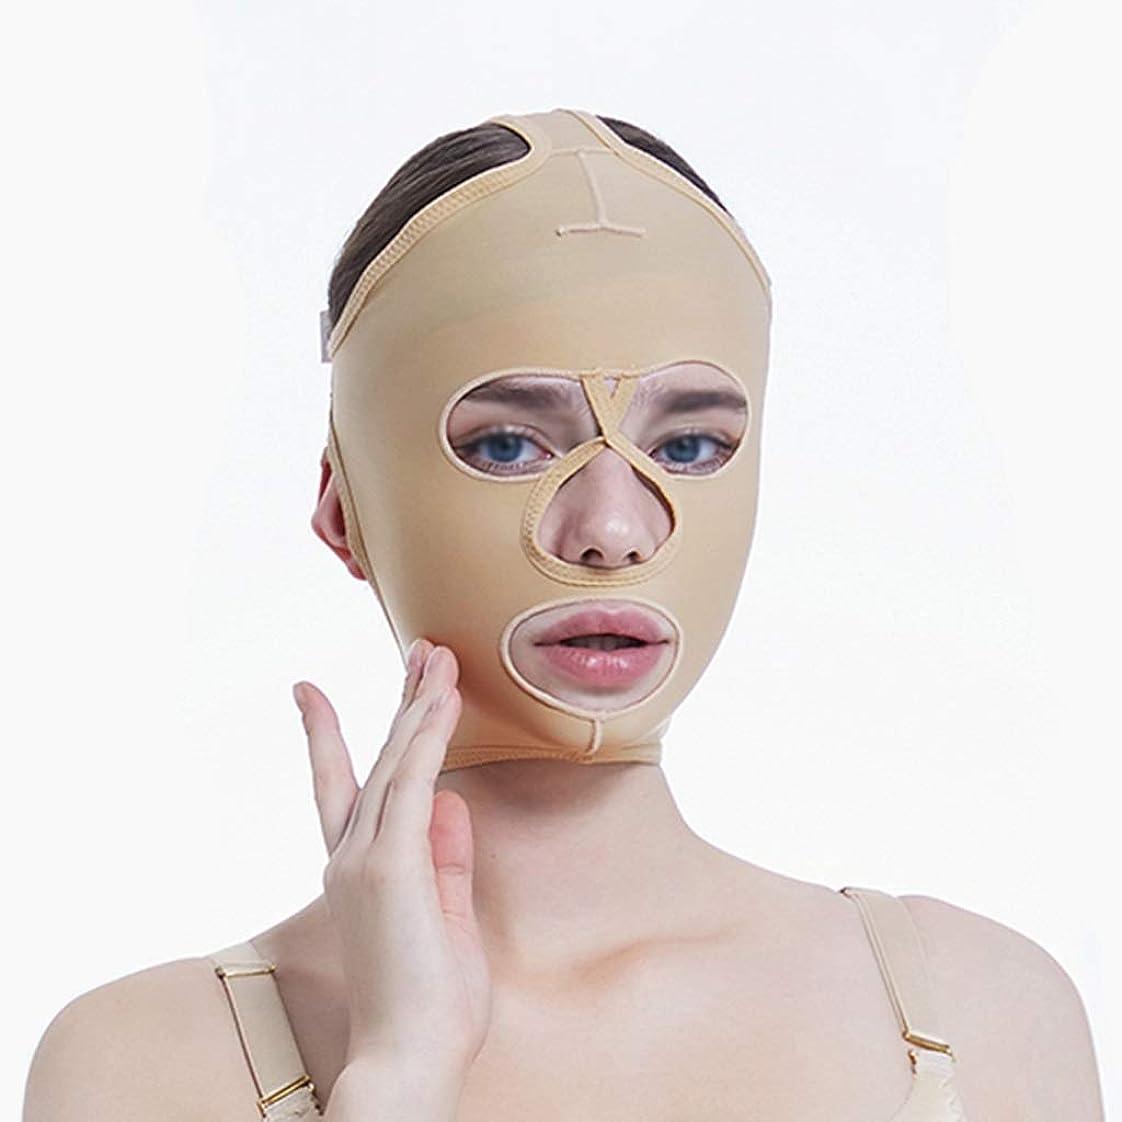 公園作動するスリチンモイチンリフティングベルト、超薄型ベルト、引き締めマスク、包帯吊り、フェイスリフティングマスク、超薄型ベルト、通気性(サイズ:L),XL